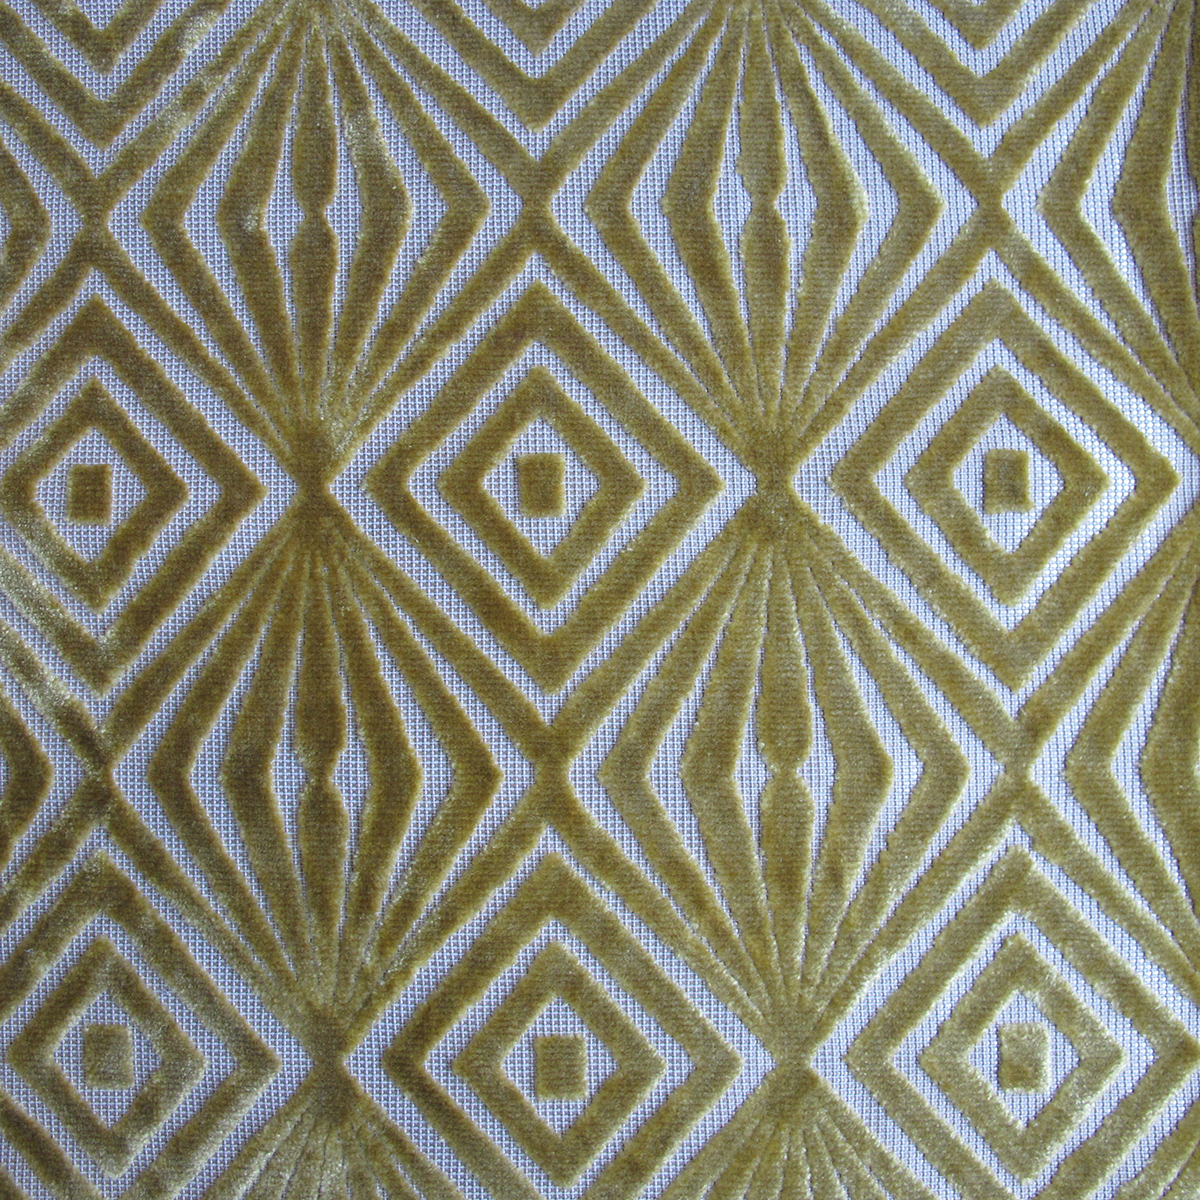 Jacquard Woven Cut Velvet Upholstery - KP13268 Green